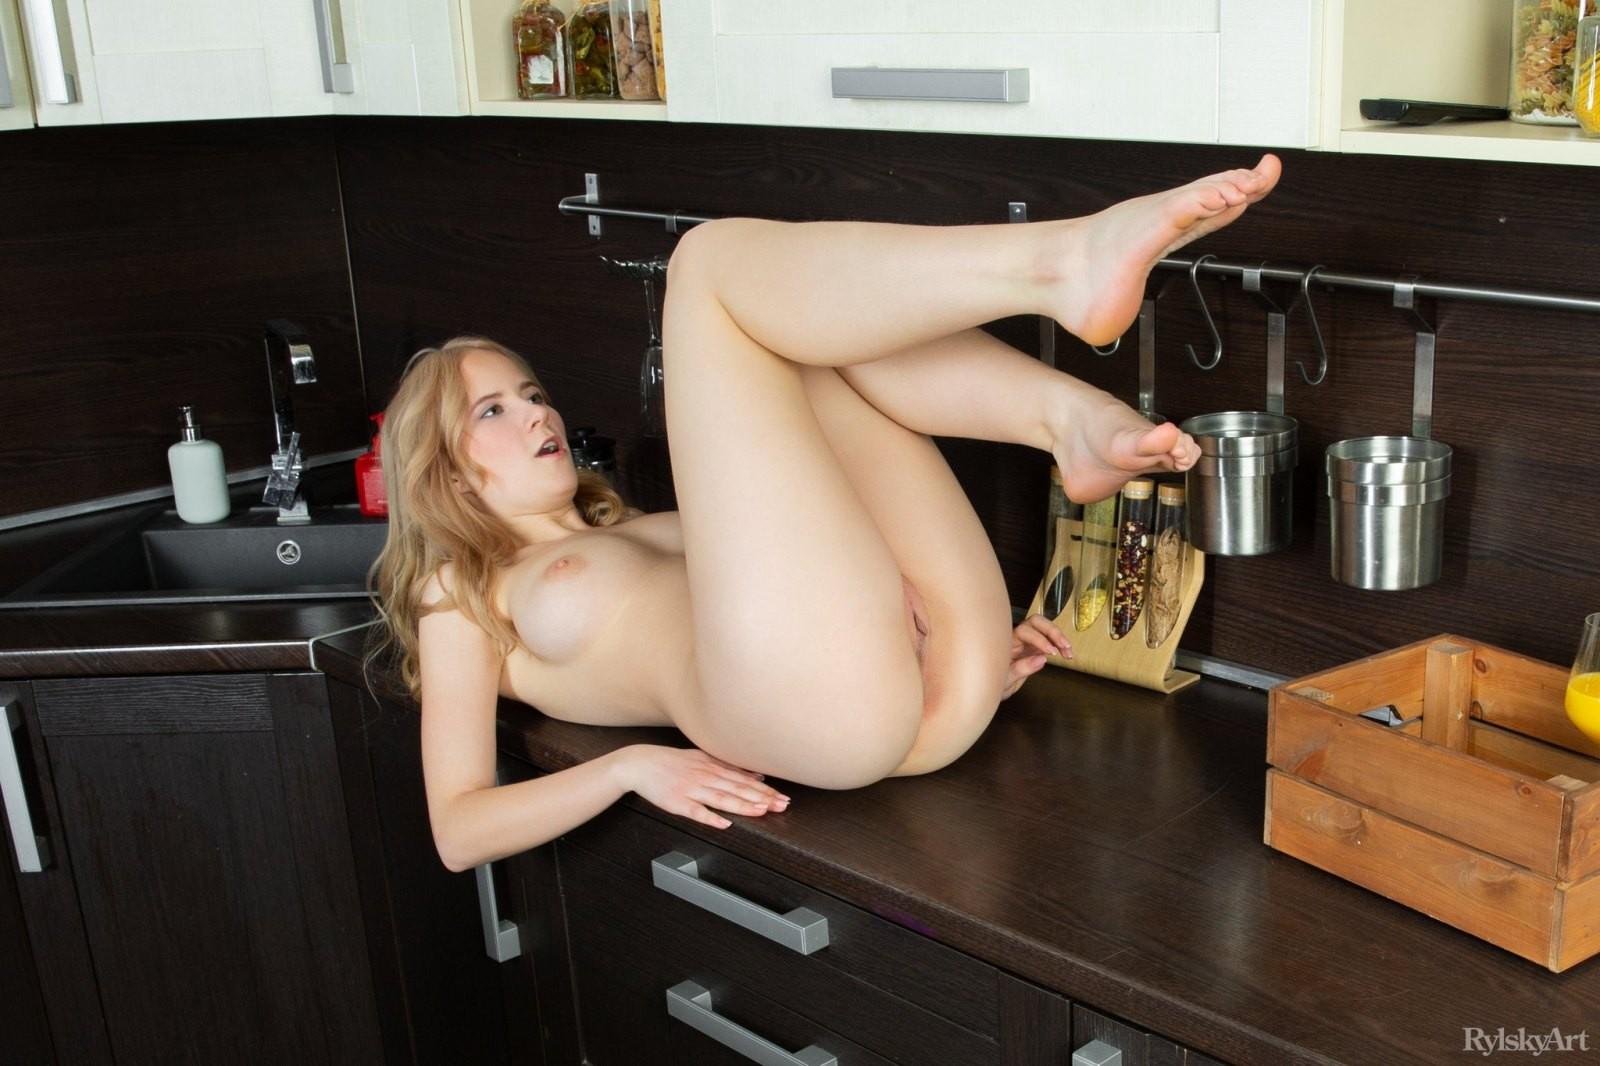 Блондинка показала себя на кухне и в спальне - фото